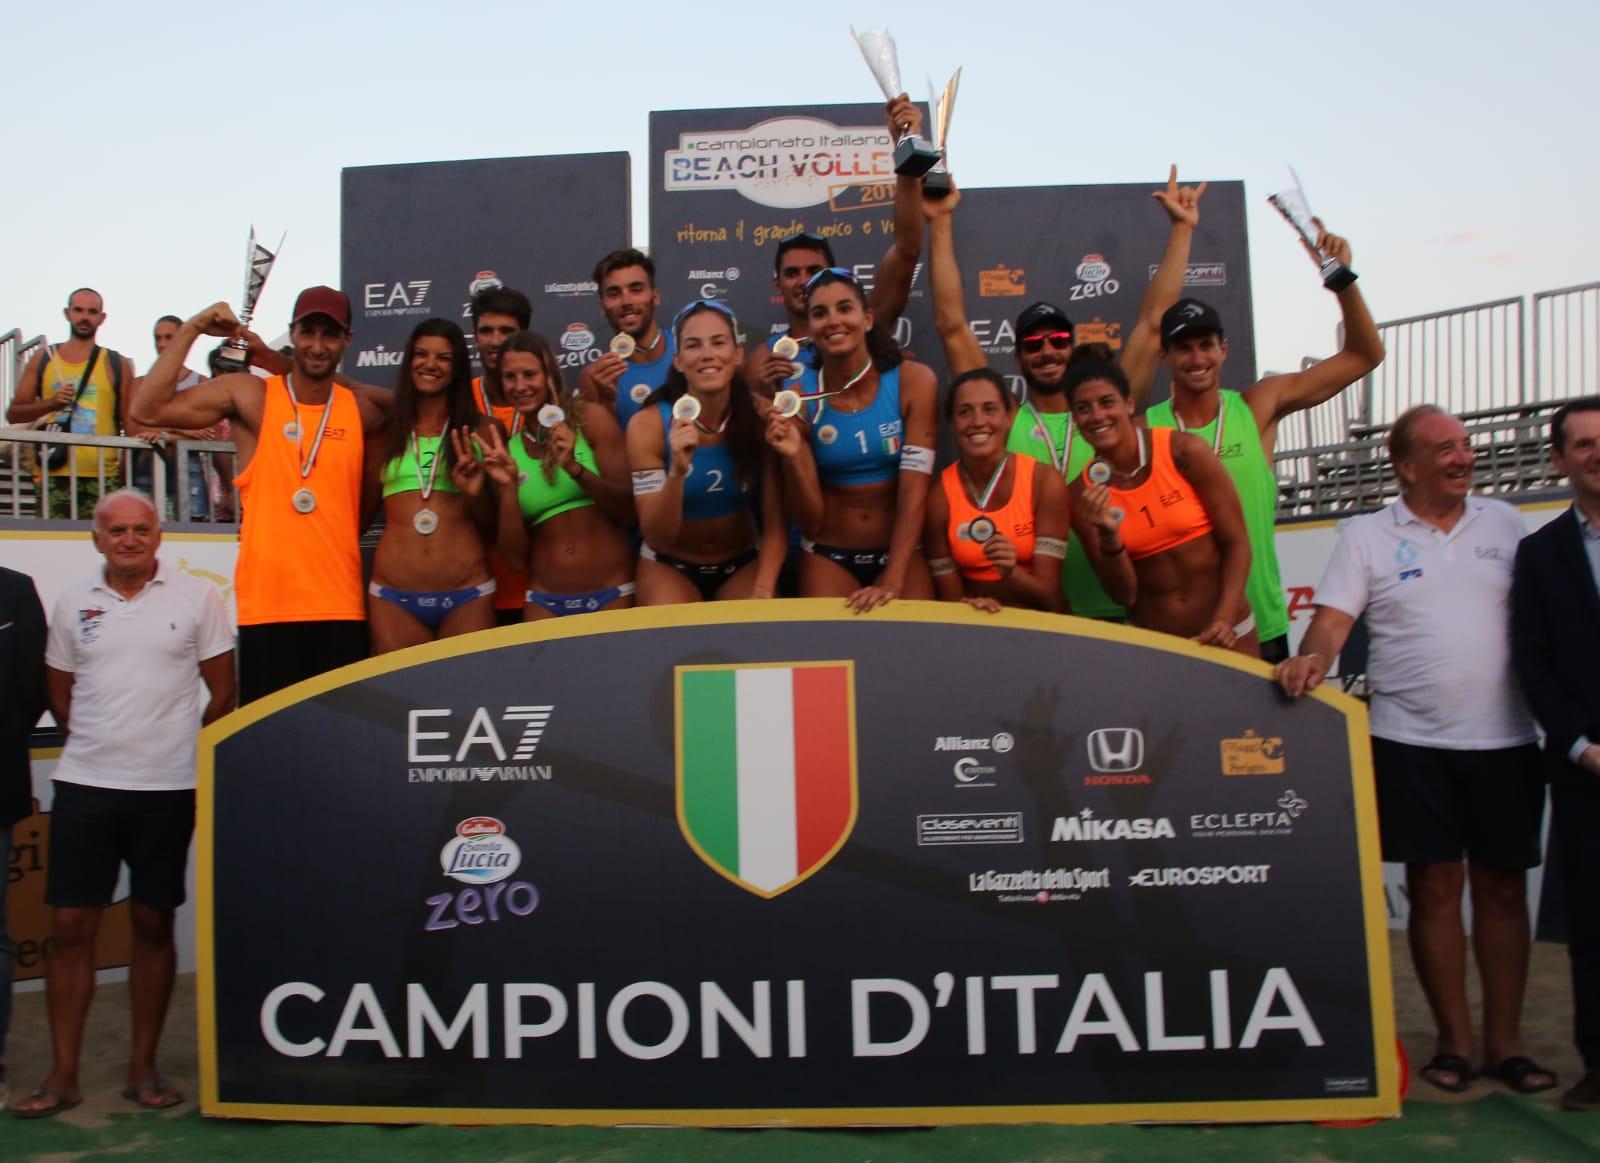 inali finali scudetto beach volley catania